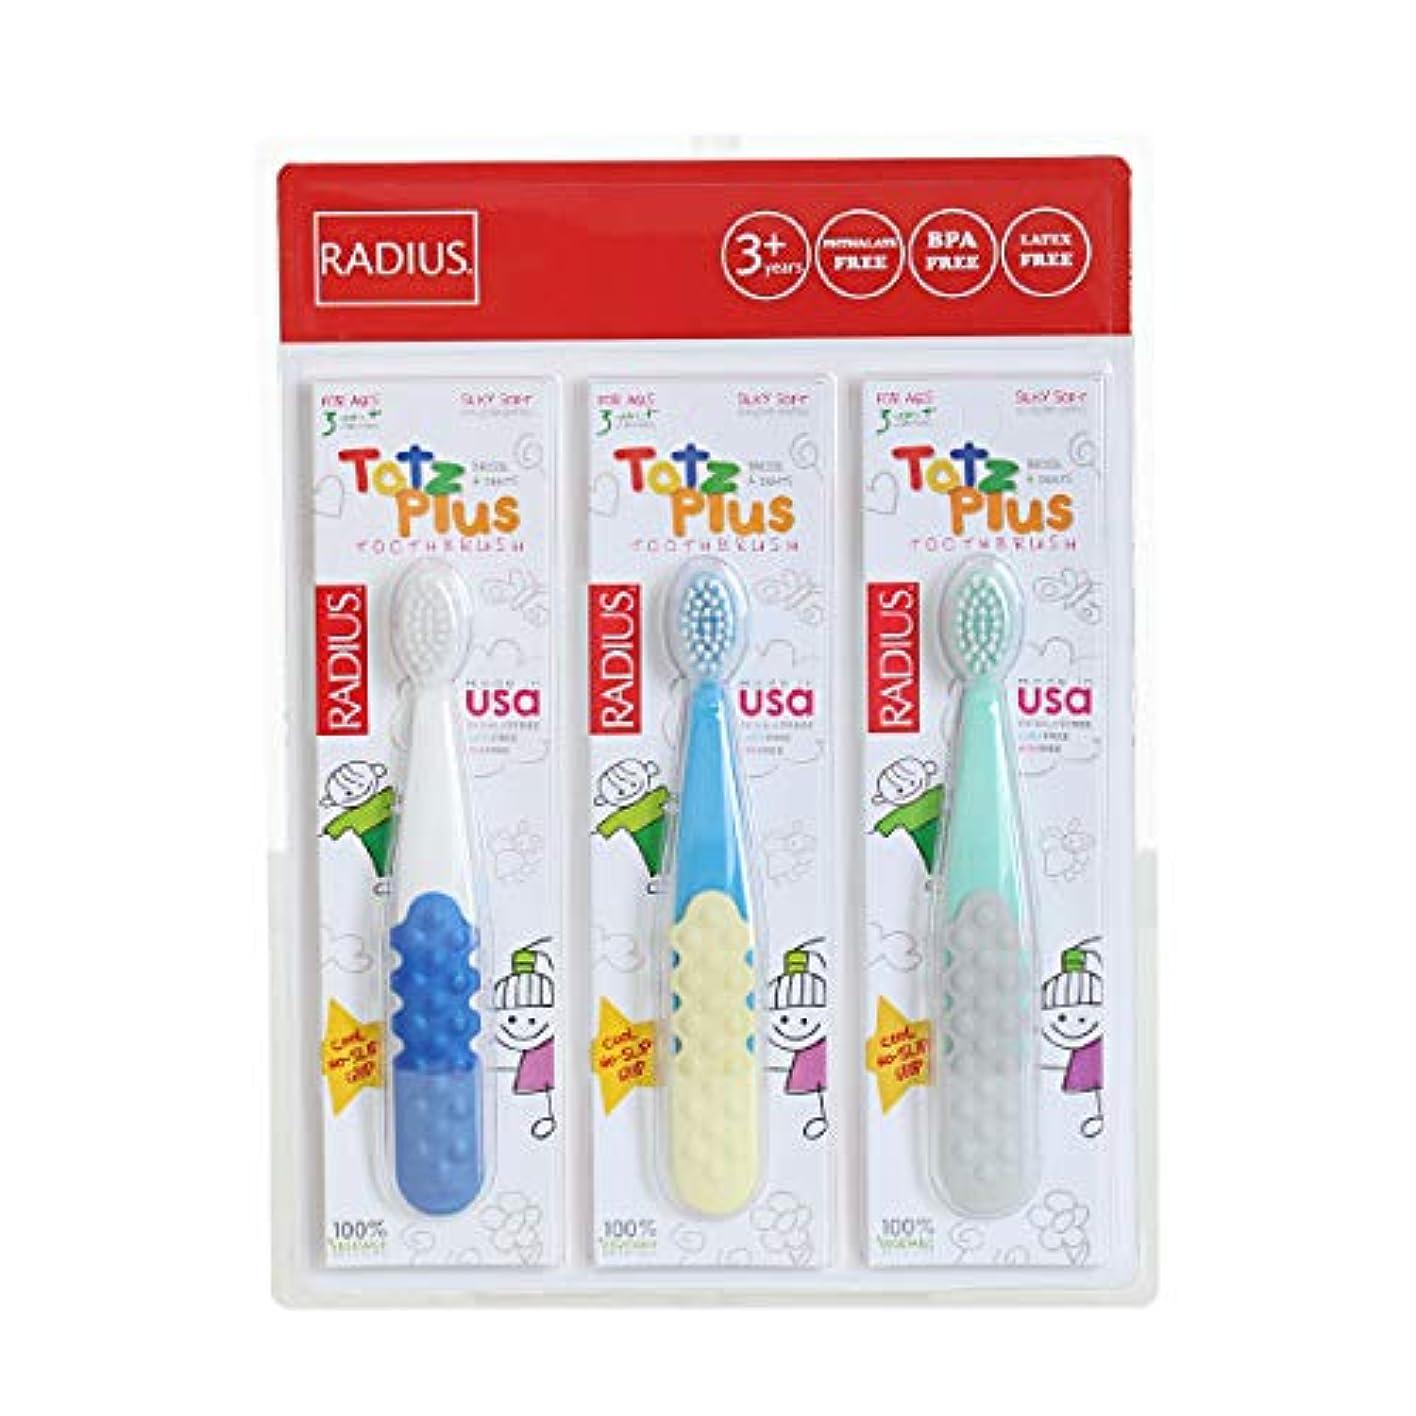 稼ぐ避けられない貢献ラディウス Totz Plus Toothbrush 歯ブラシ, 3年+ シルキーソフト, 100% 野菜剛毛 3パック [並行輸入品]